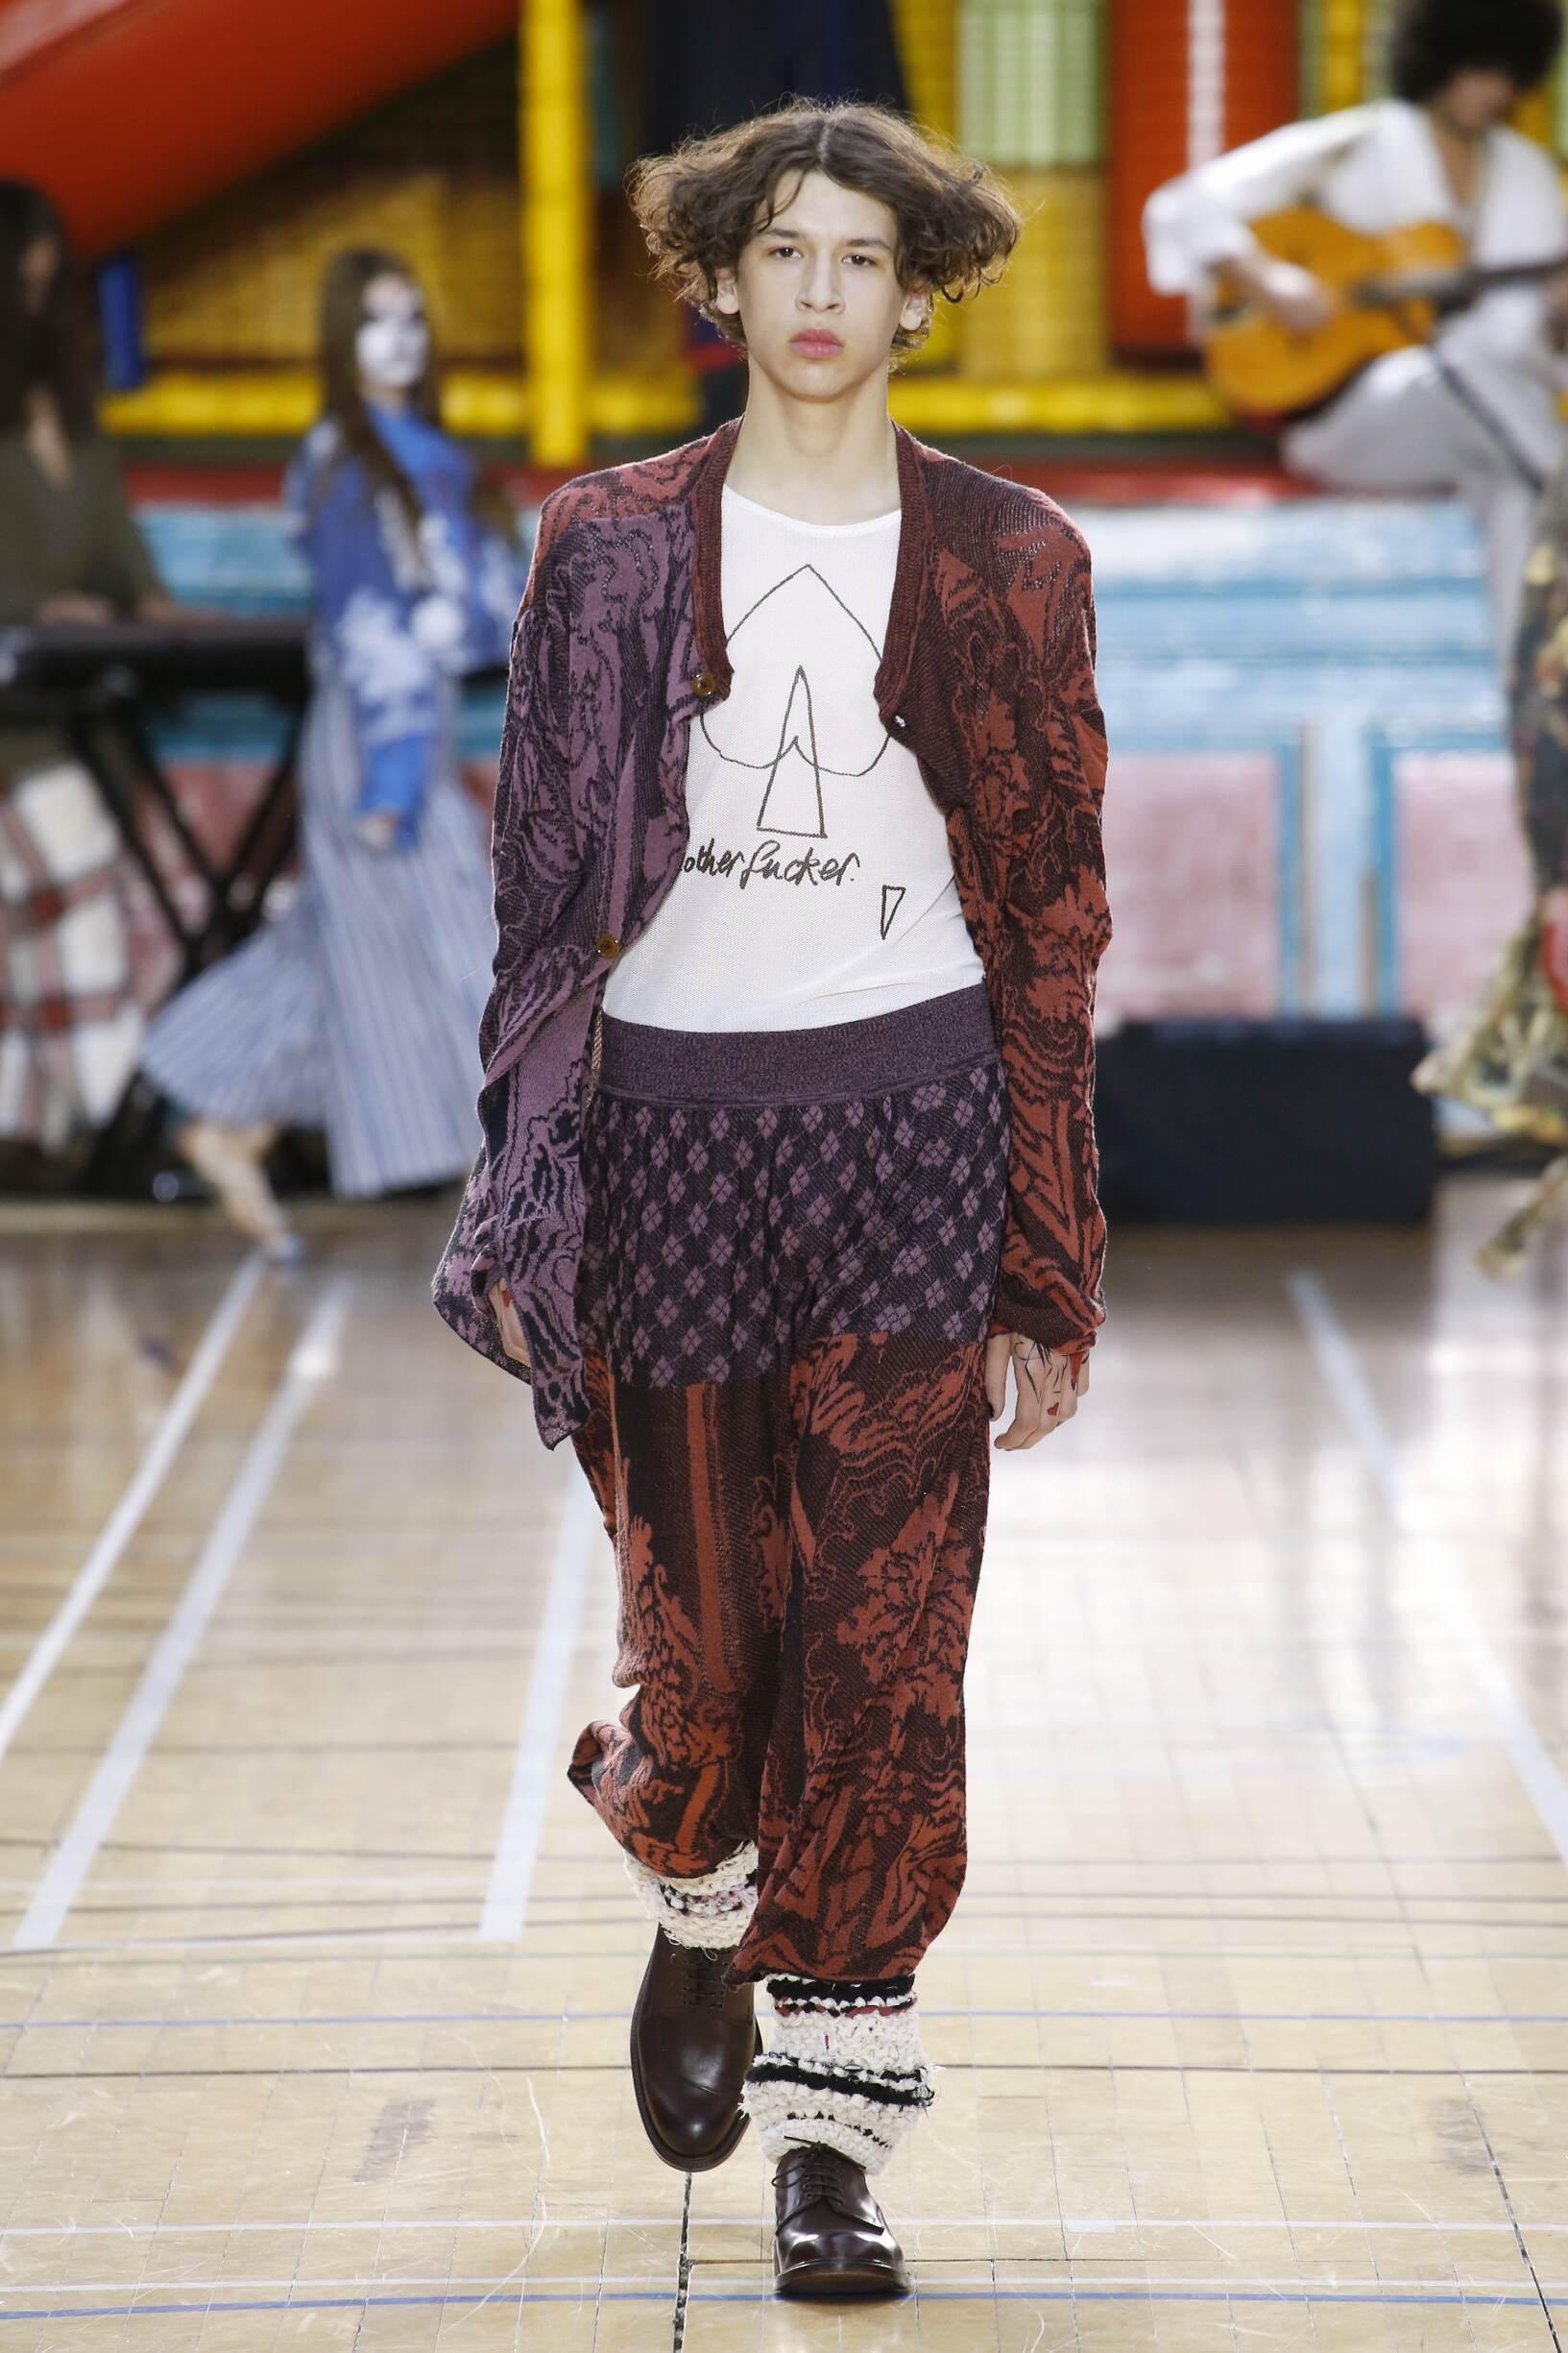 2018 Vivienne Westwood Summer Catwalk